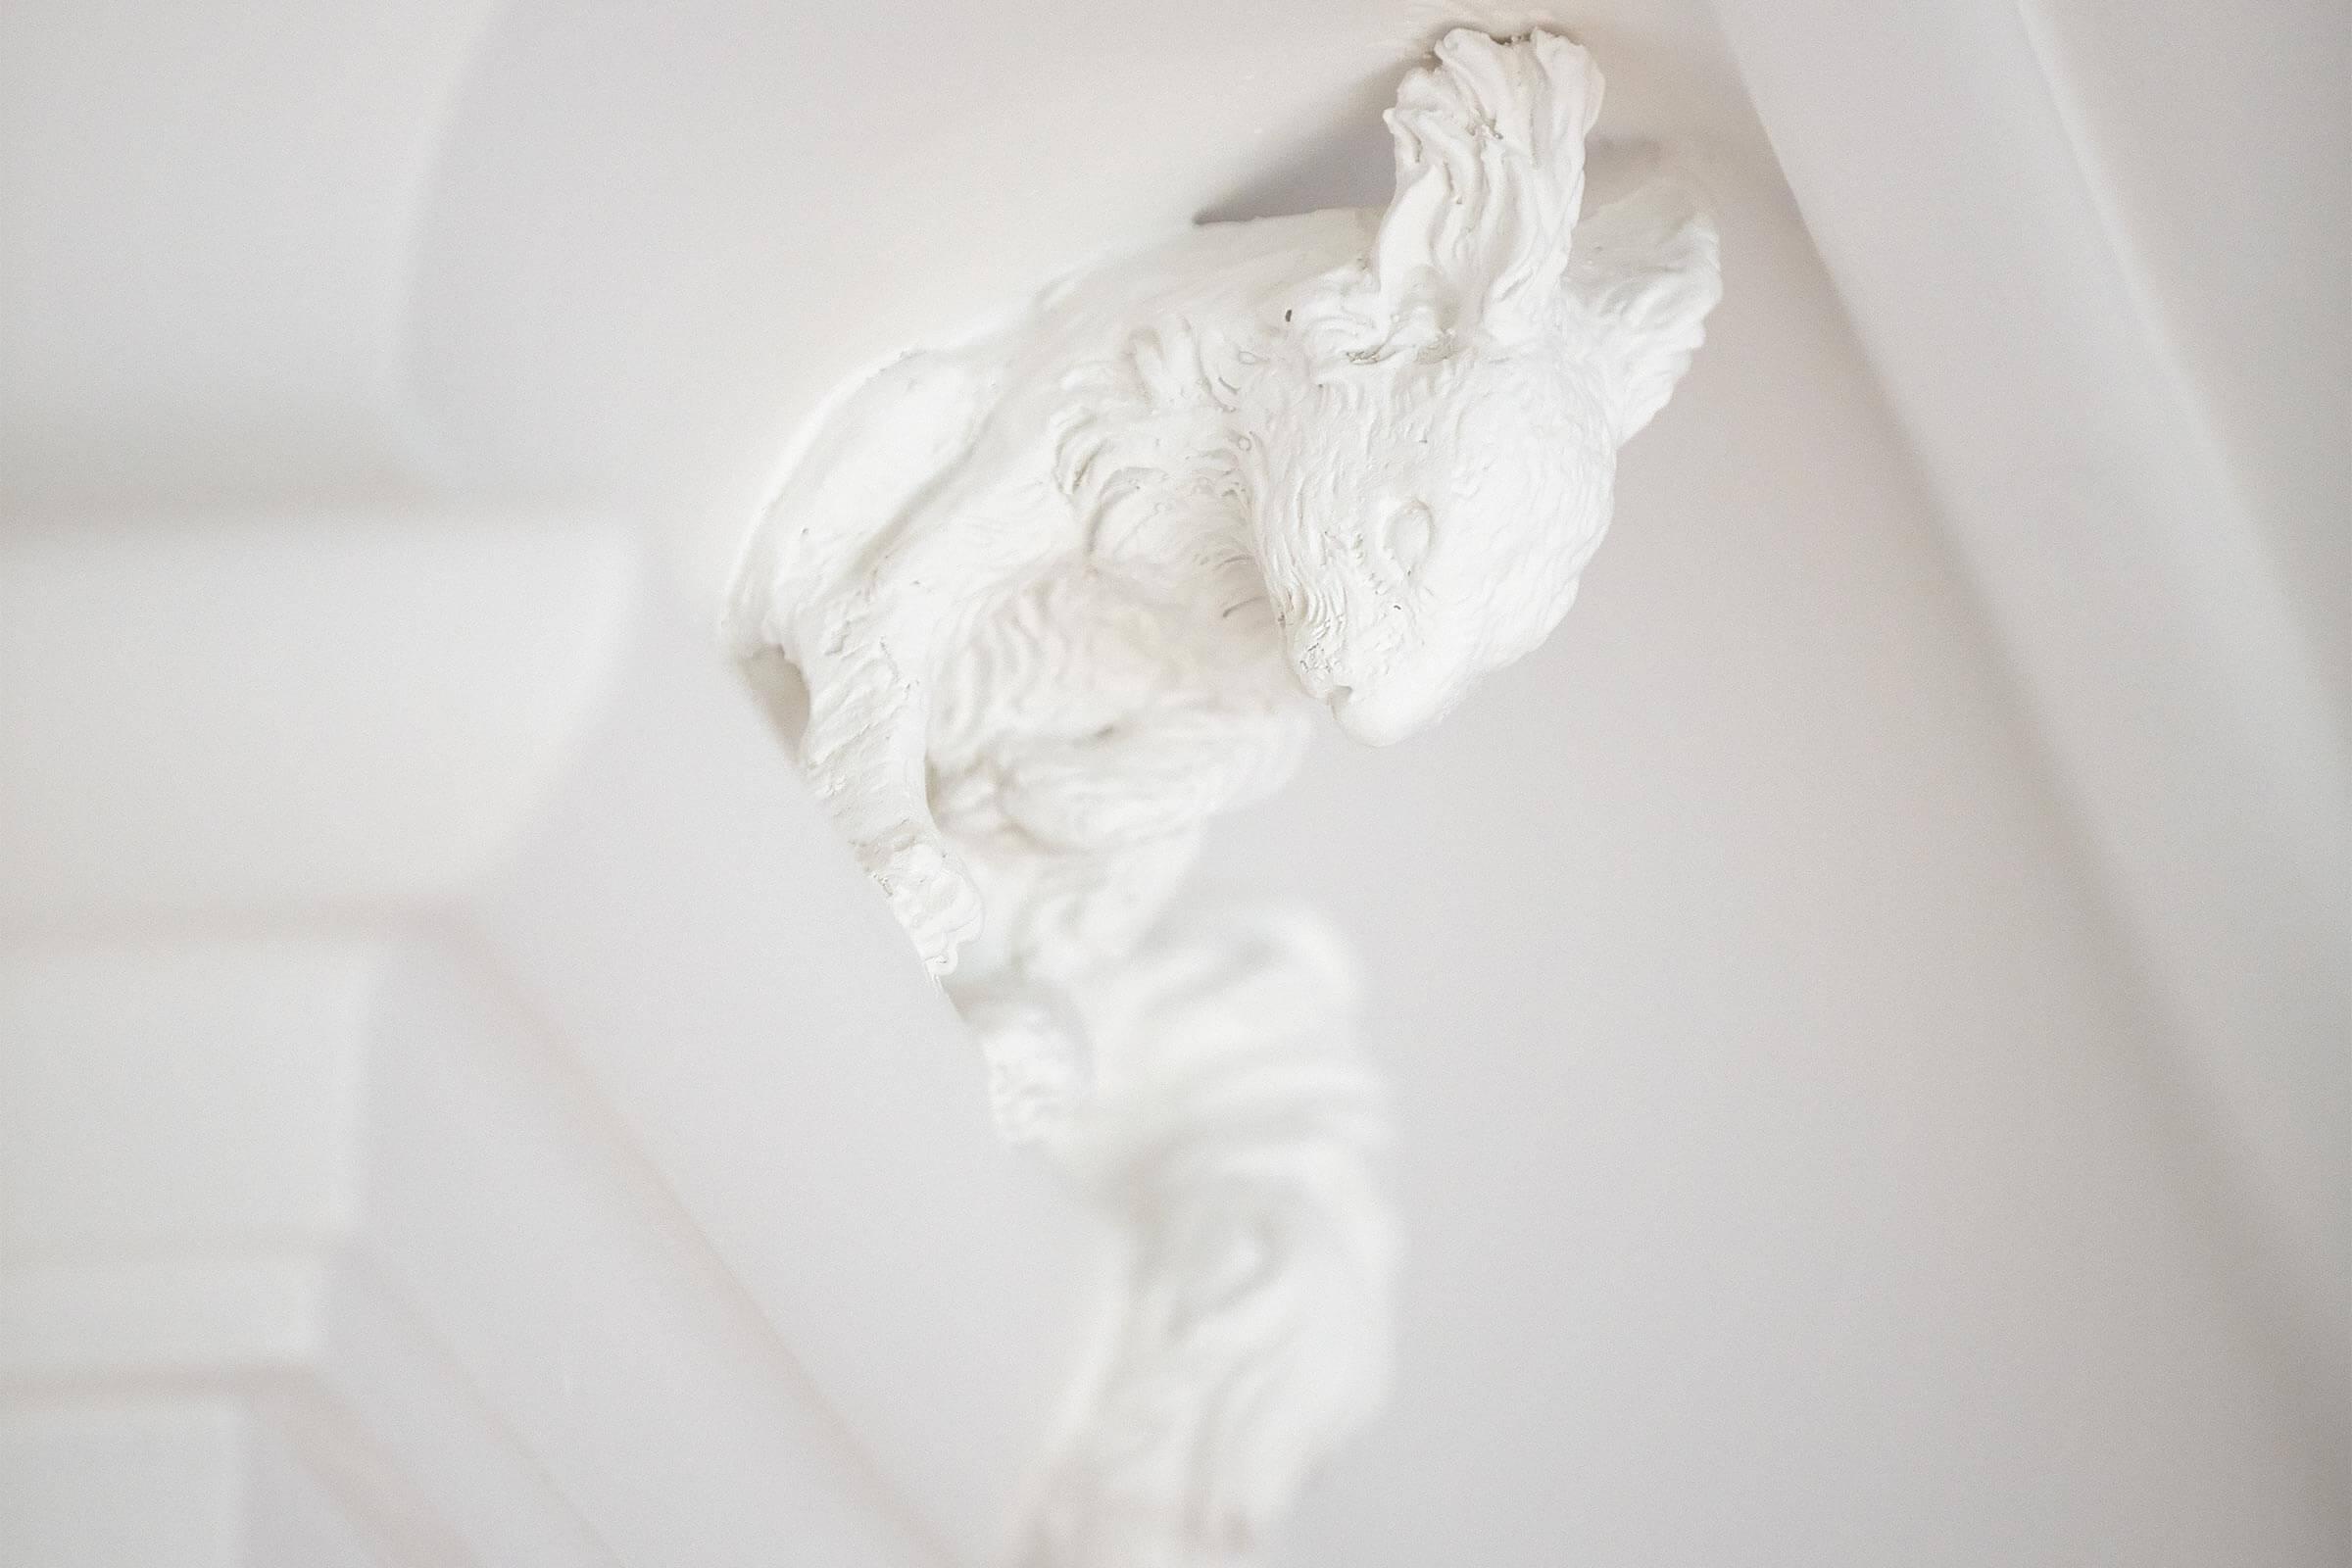 stukkatur modellering stukloft stuk egern claus lind © gips stukkatør